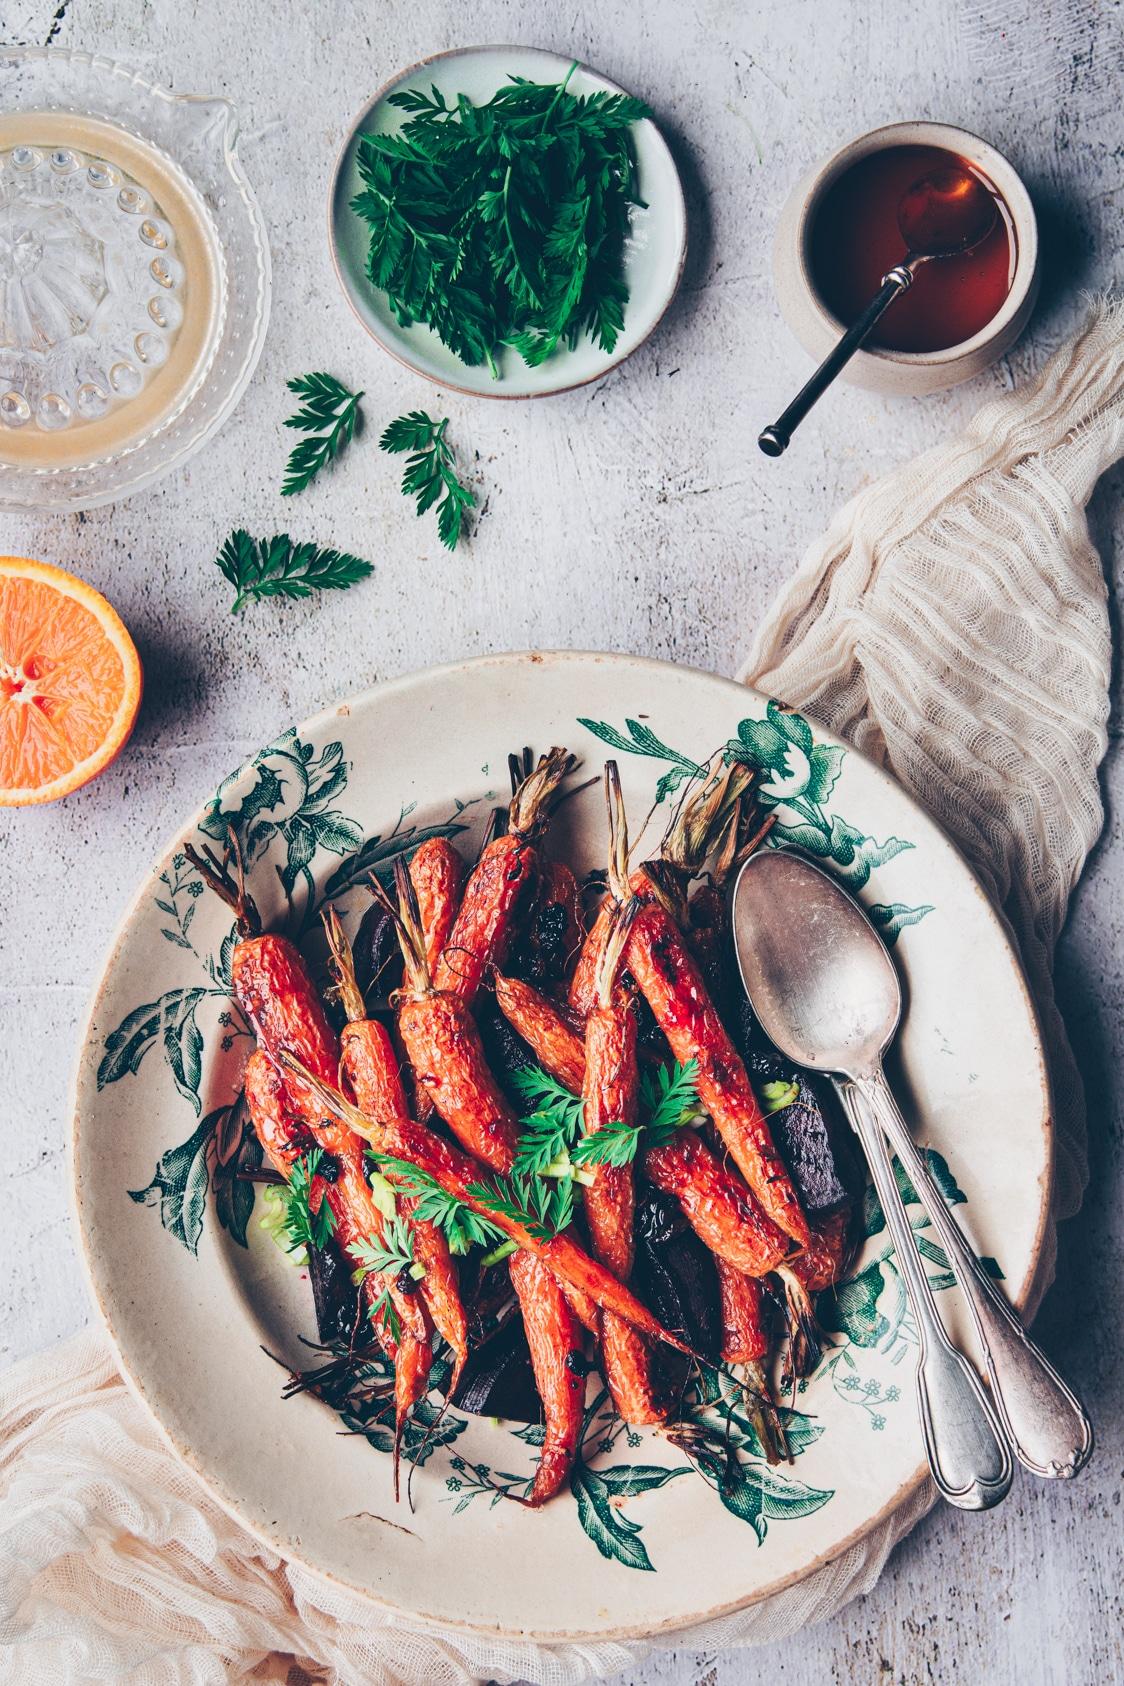 recette de carottes nouvelles rôties au four lacquées au miel - confitbanane